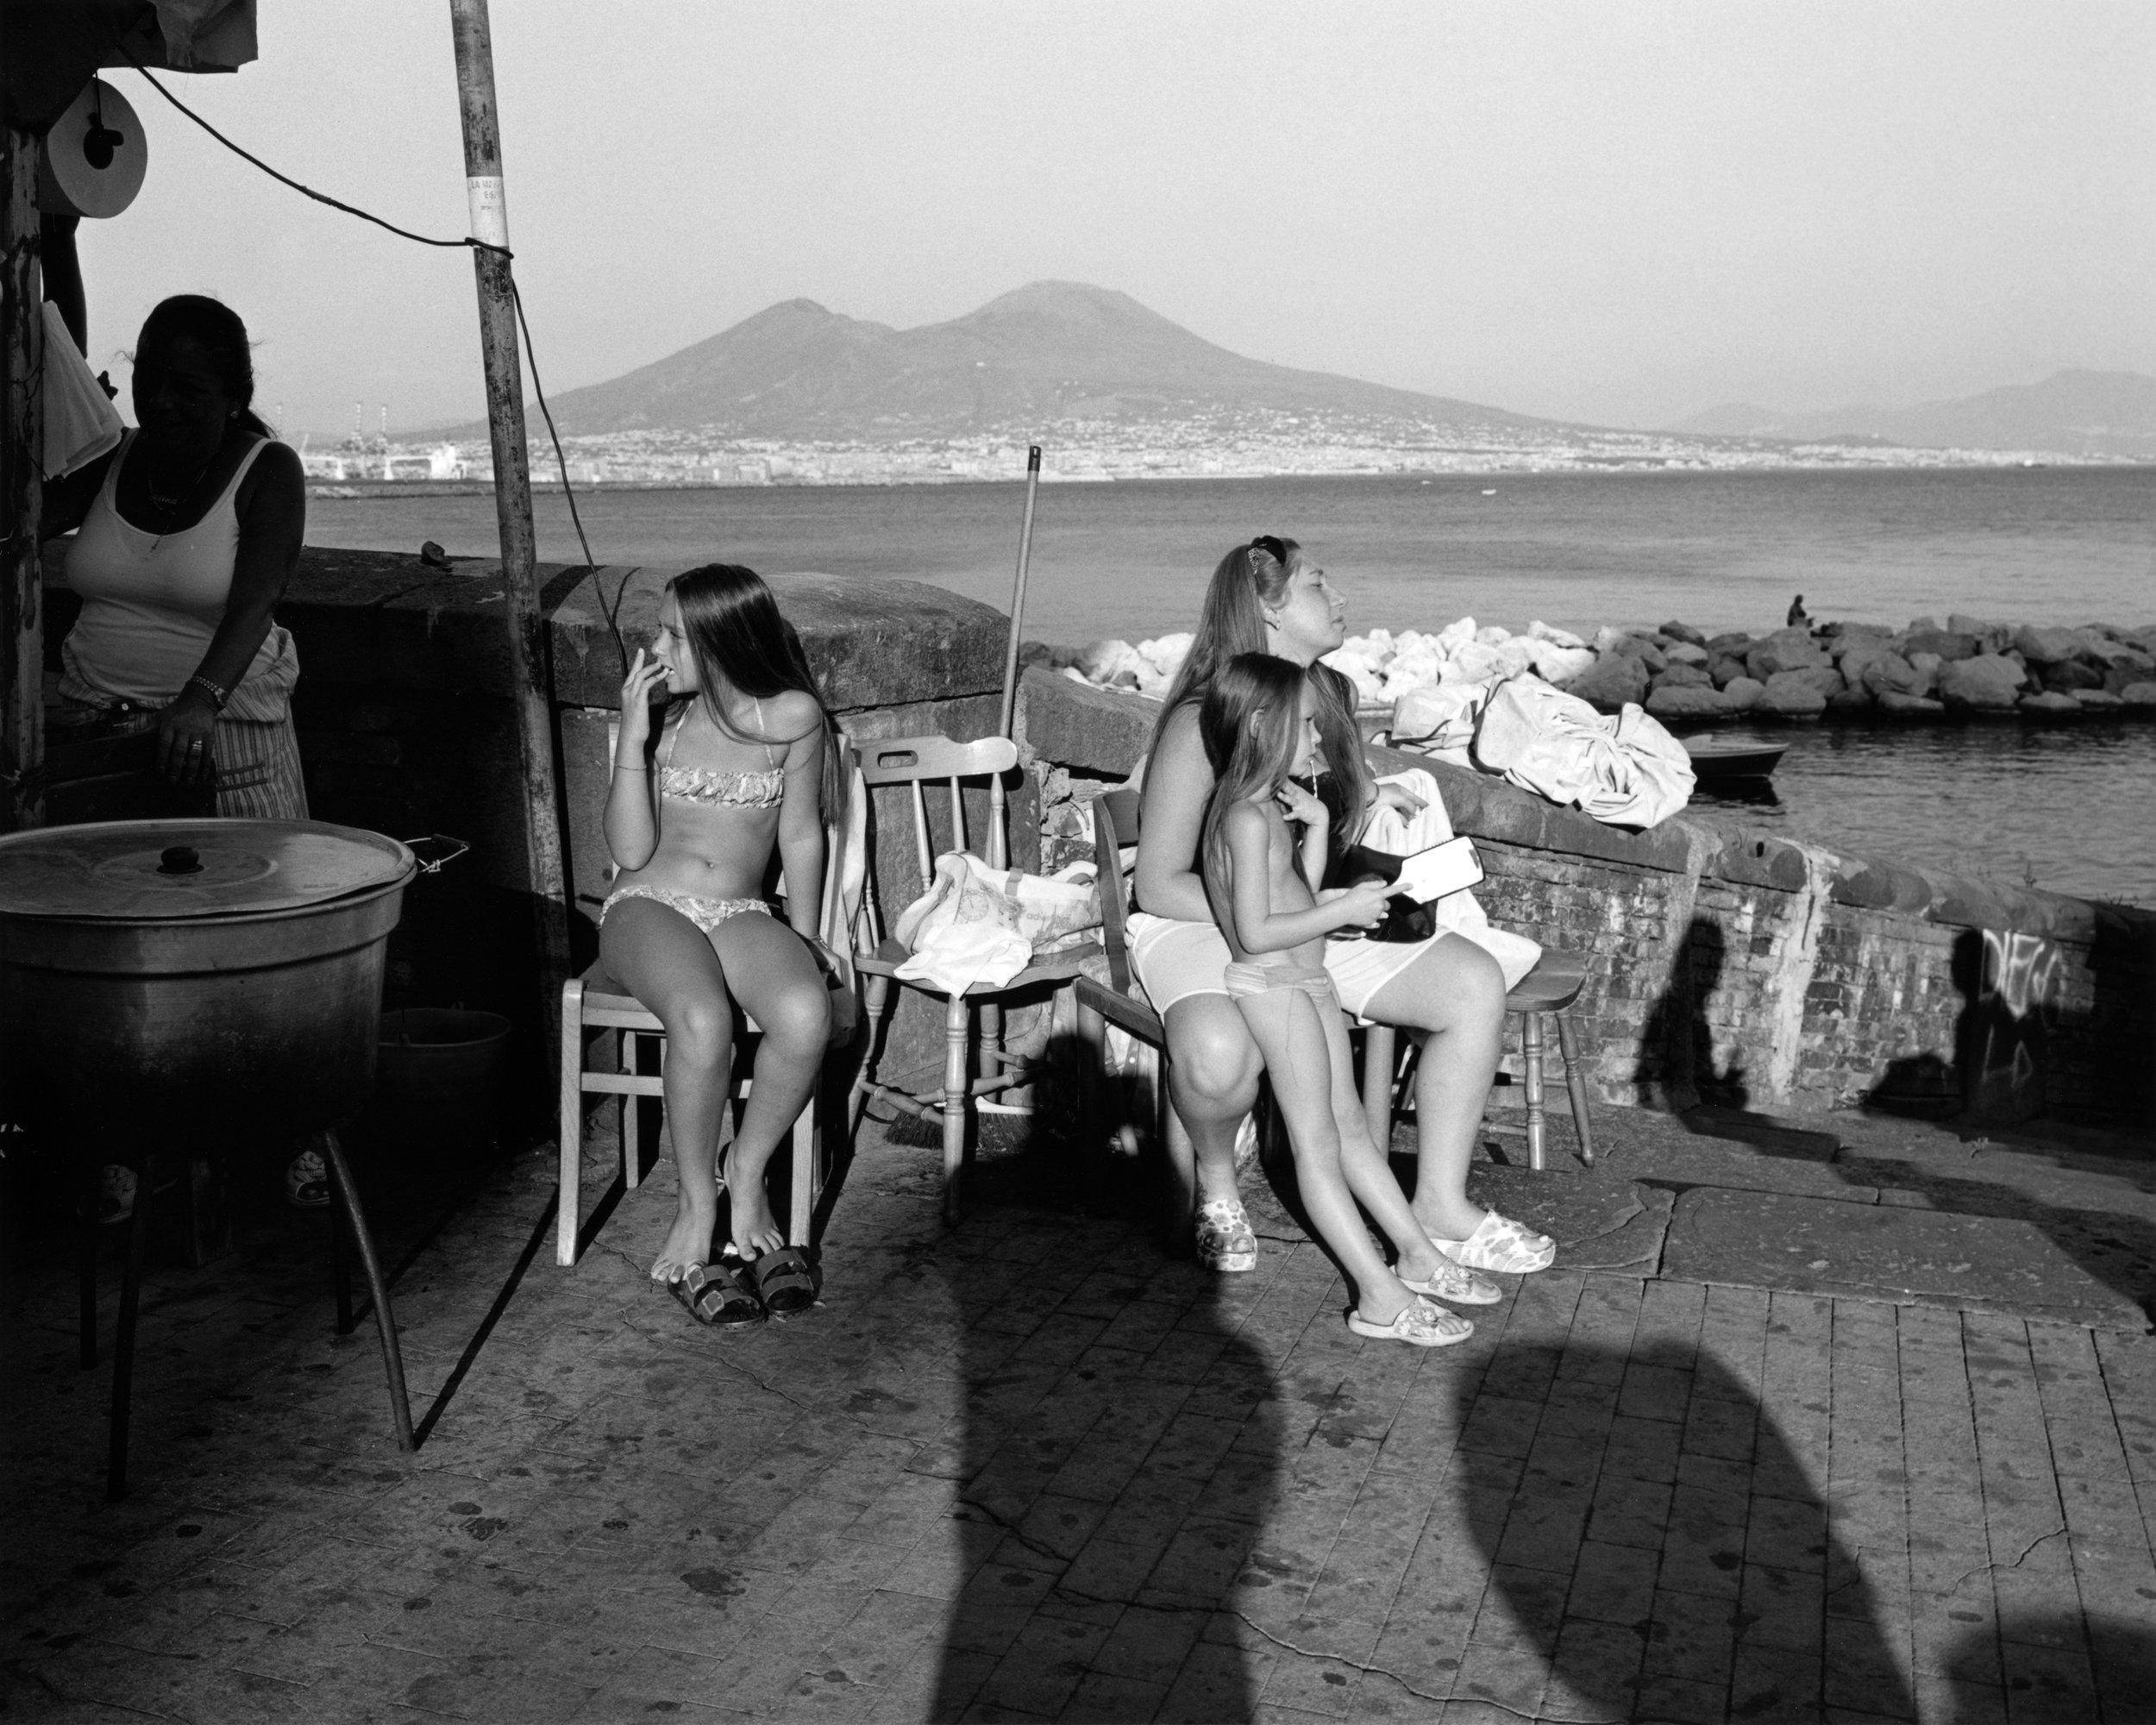 Naples, Italy 2017